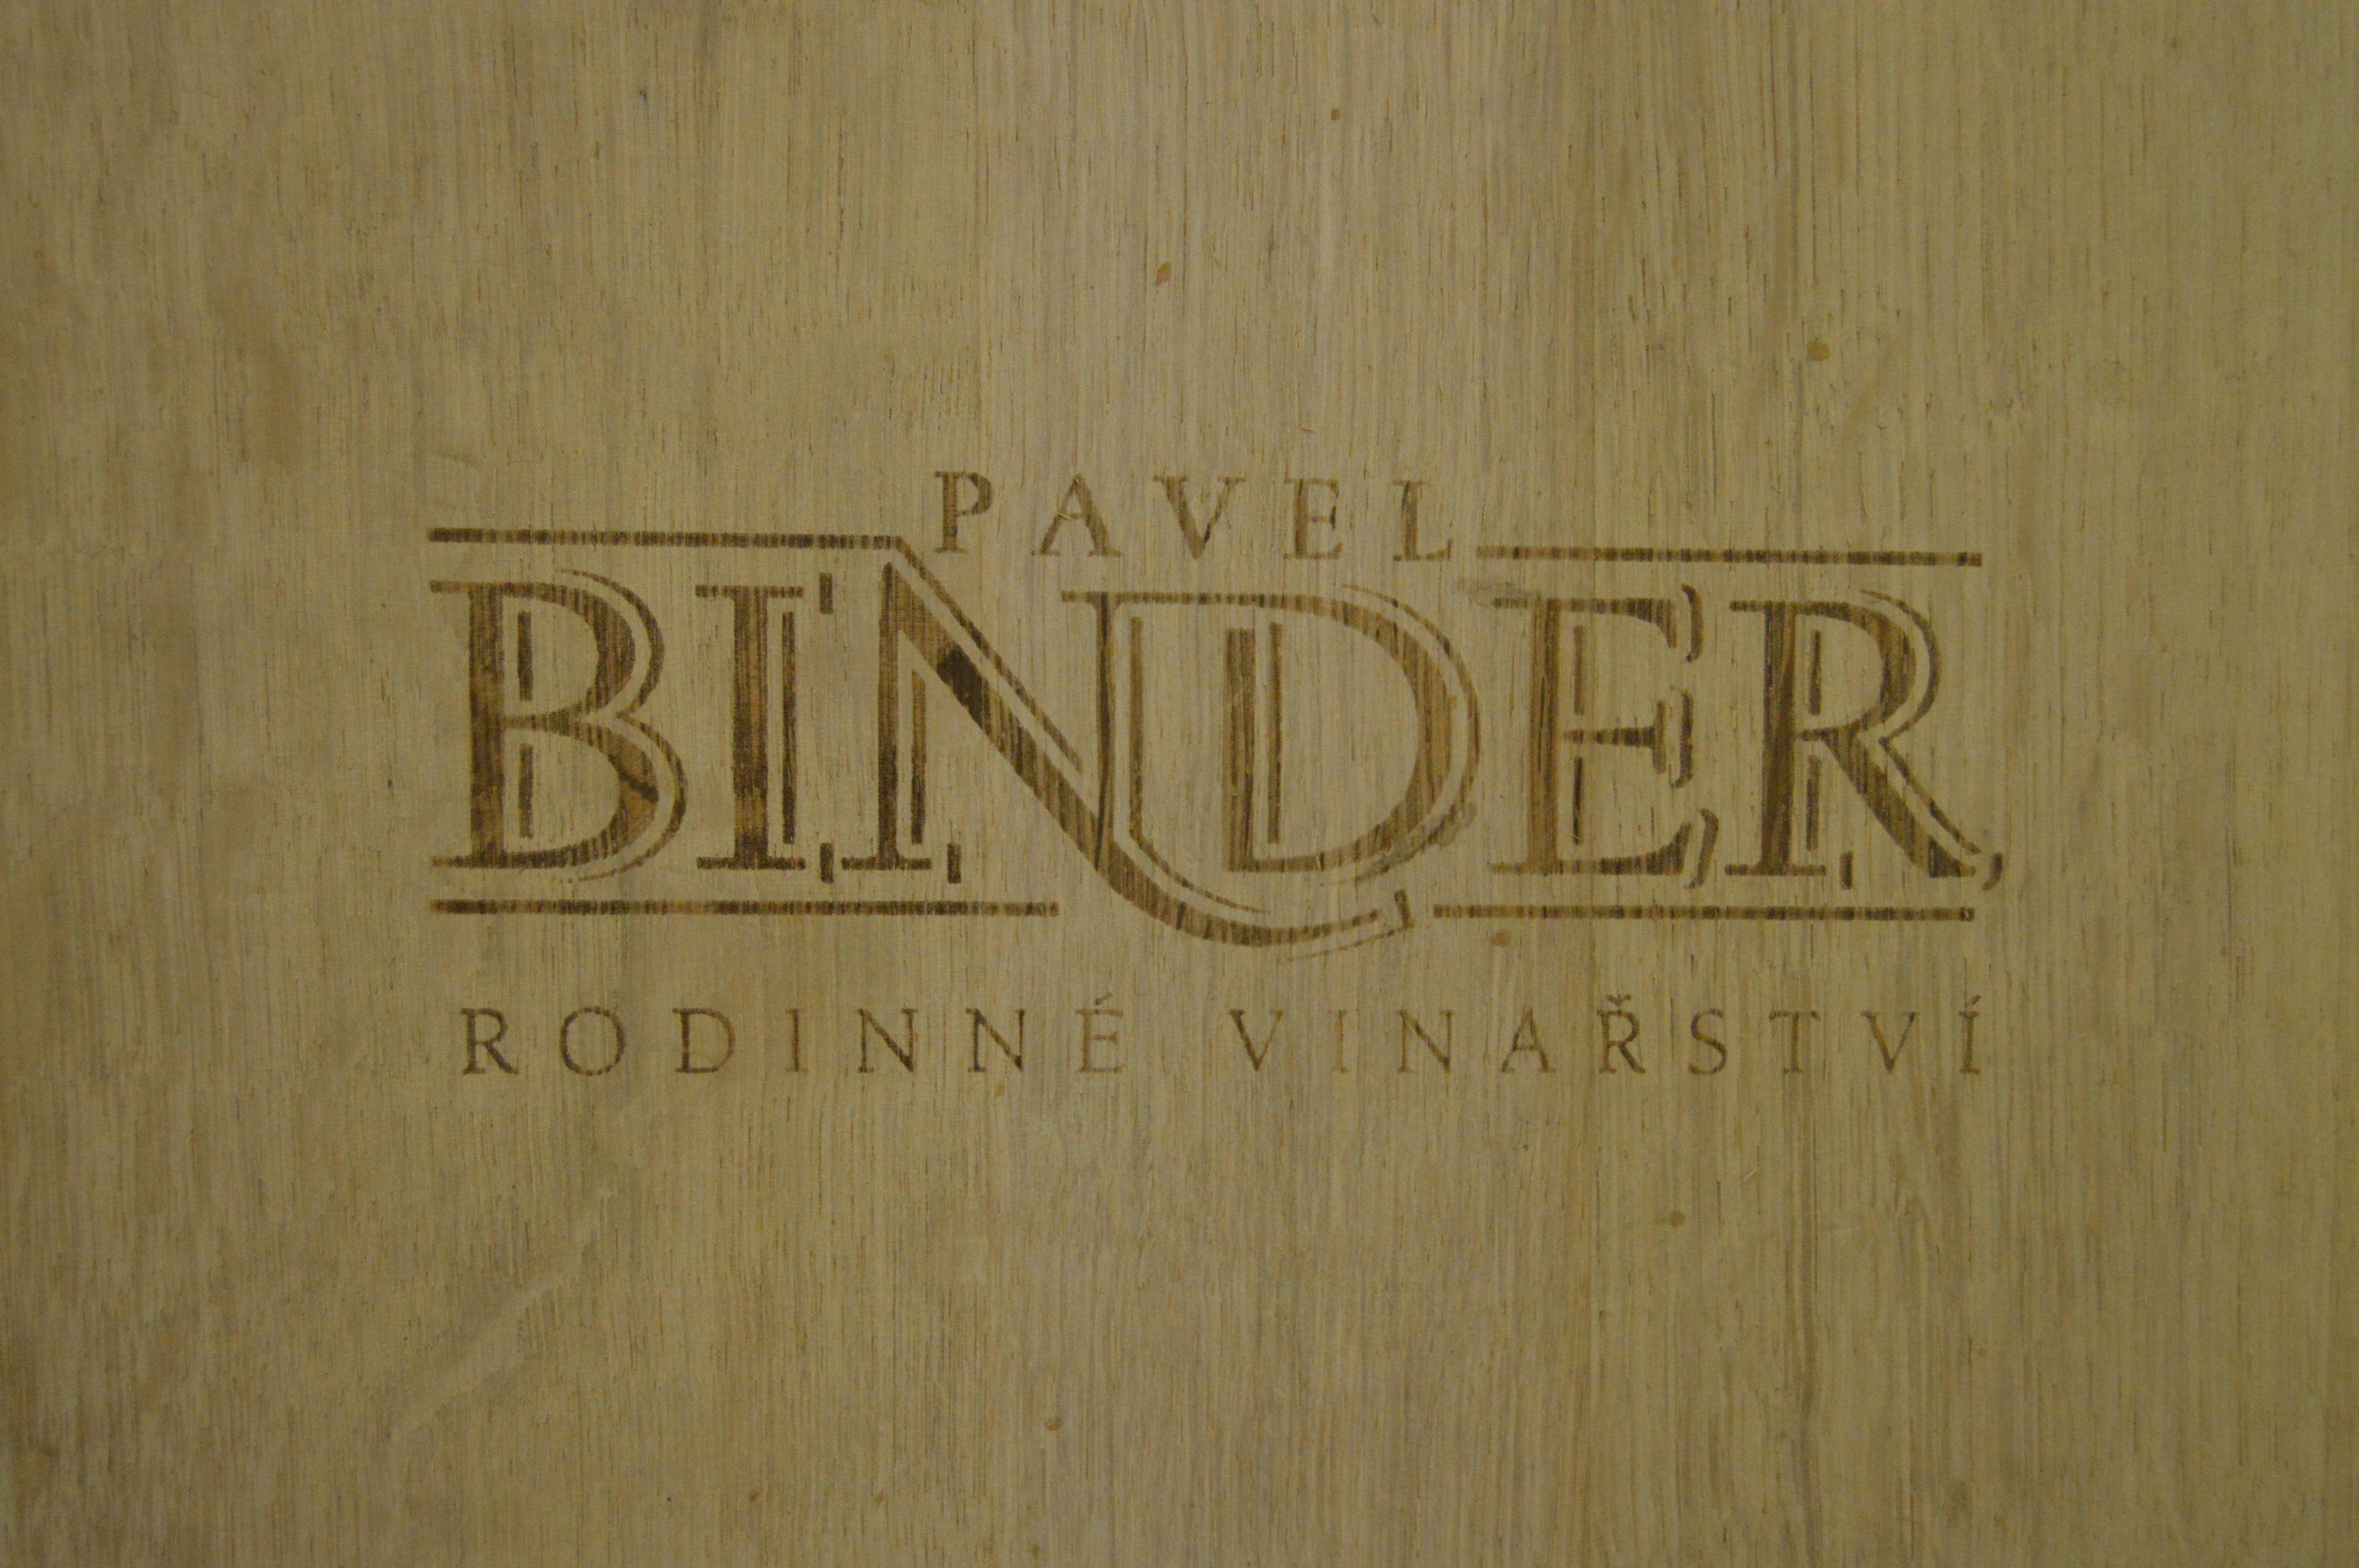 vinařství pavel binder